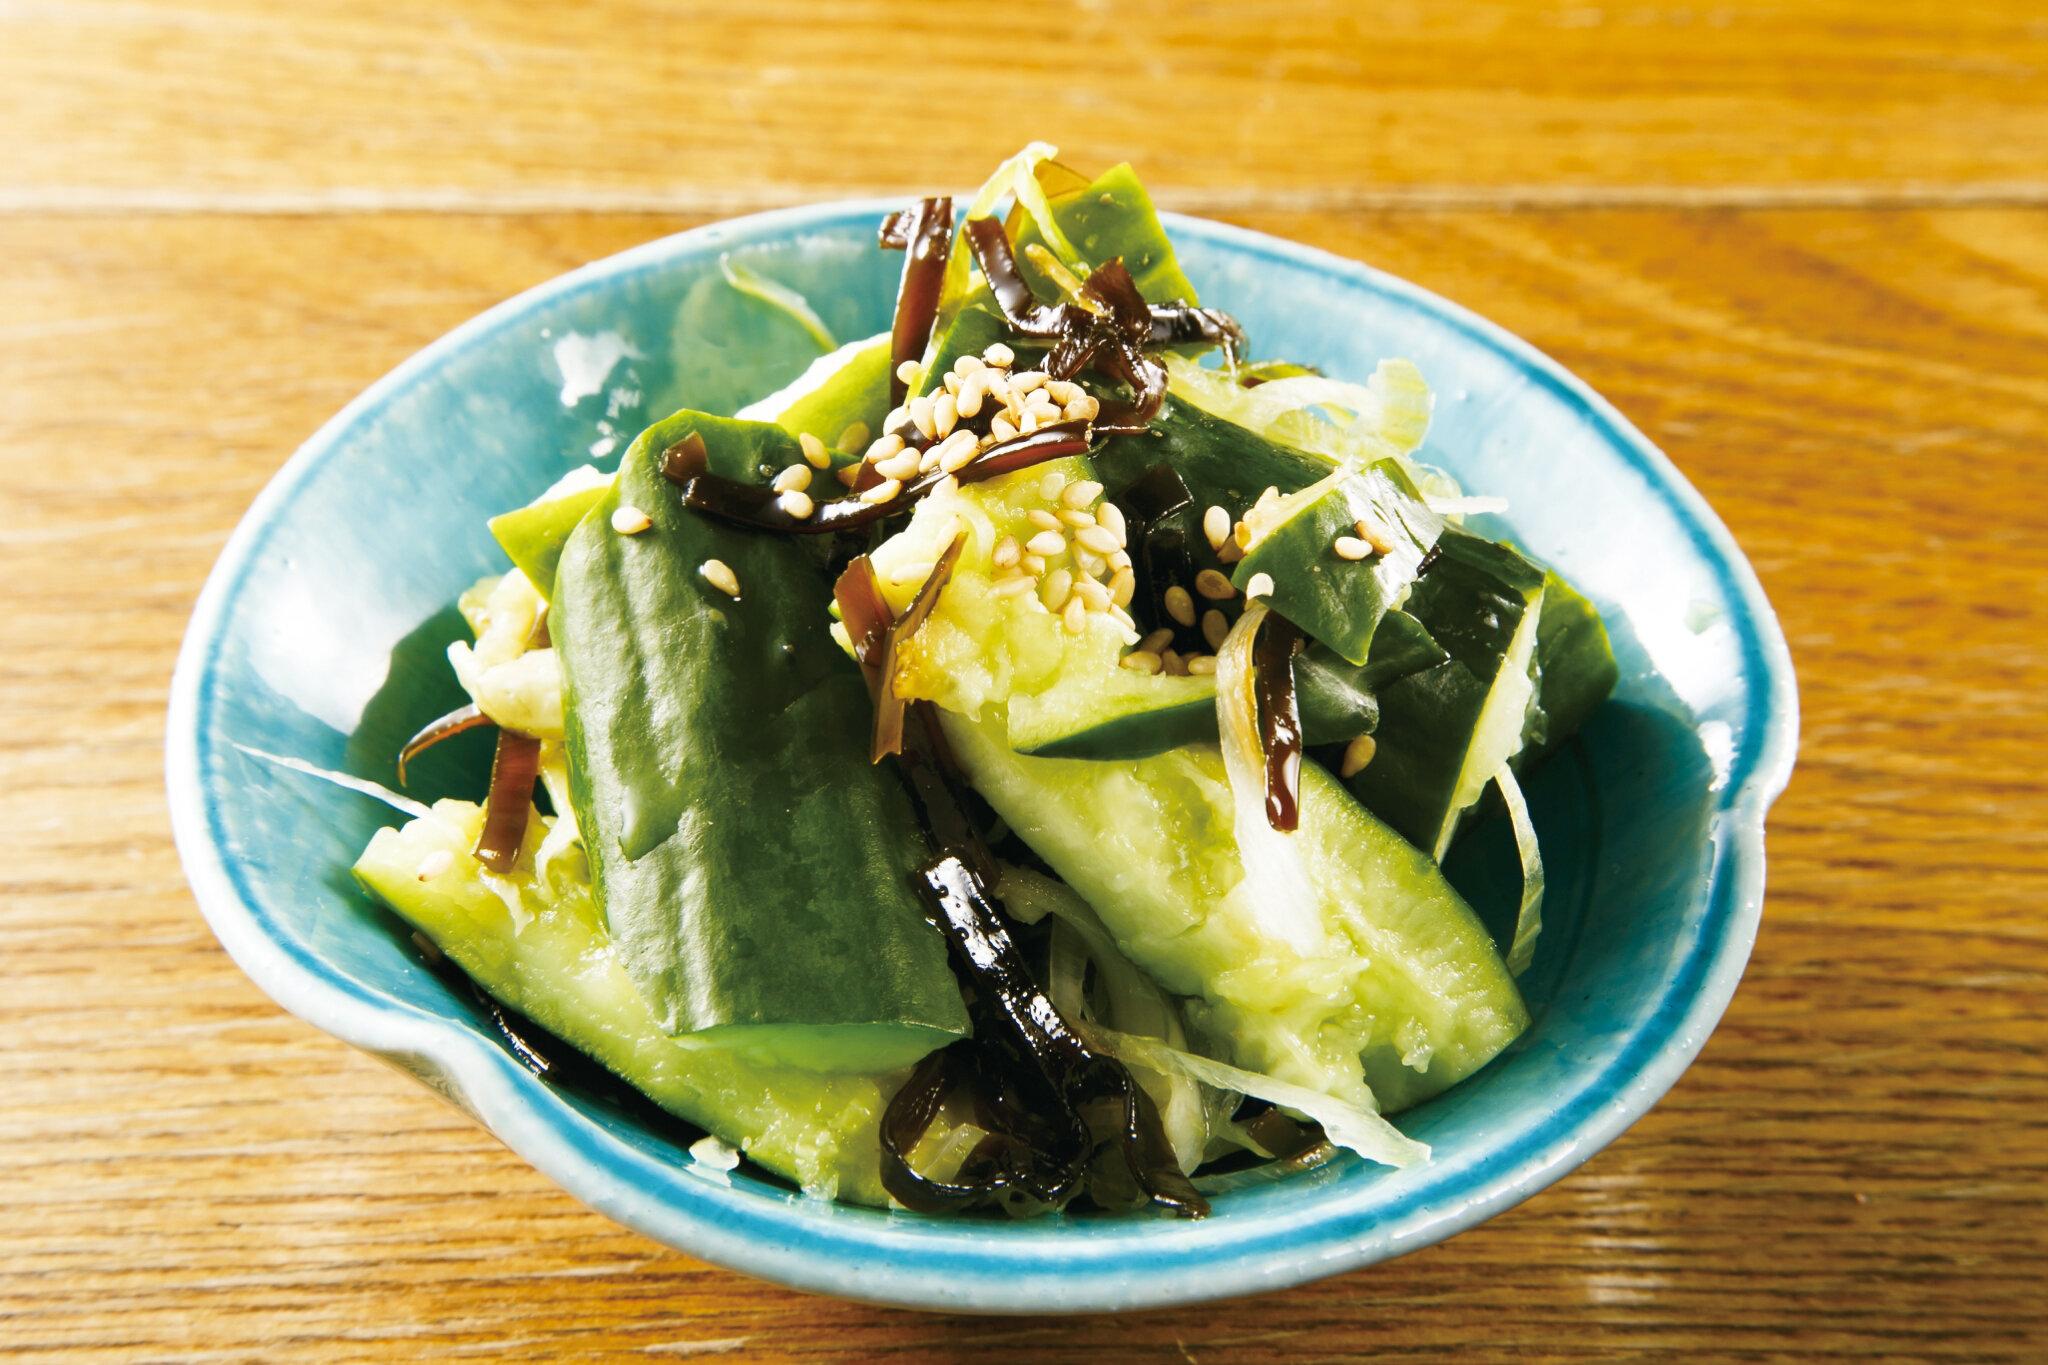 塩昆布きゅうり Cucumber marinated with Salted Seaweed & Sesame Oil ($5)